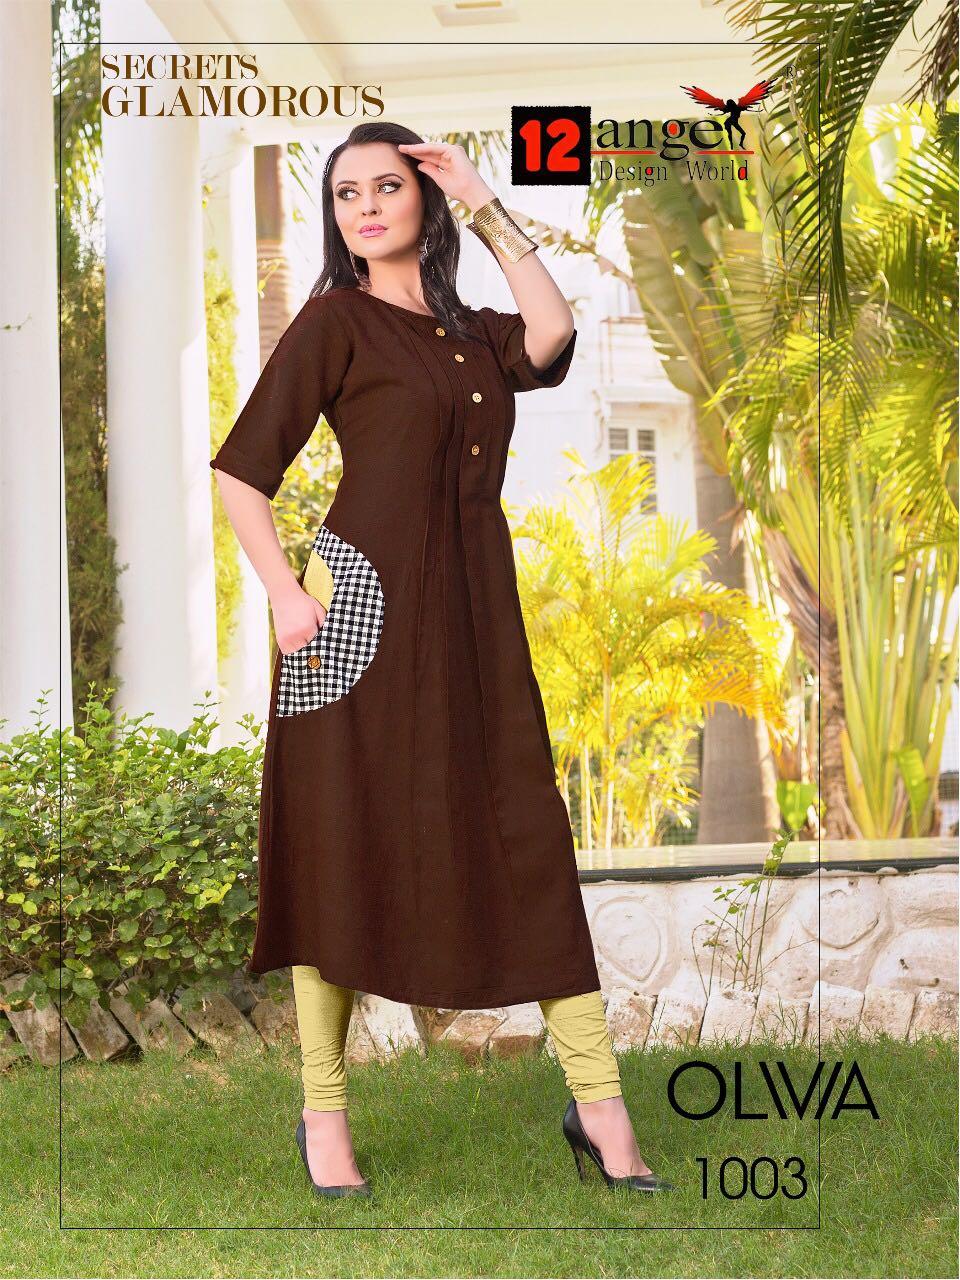 12 Angel Olivia 1003